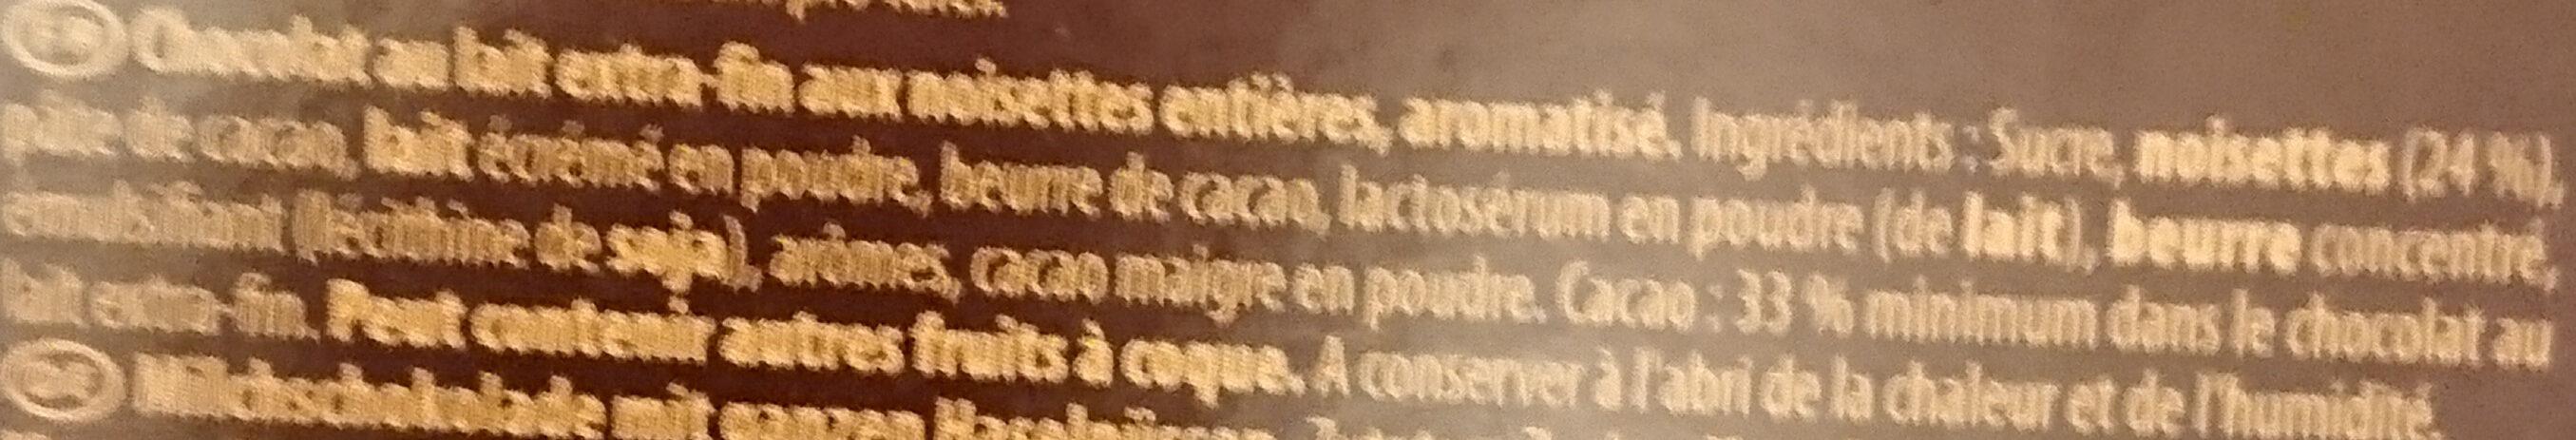 Lait noisettes entières - Ingredients - fr